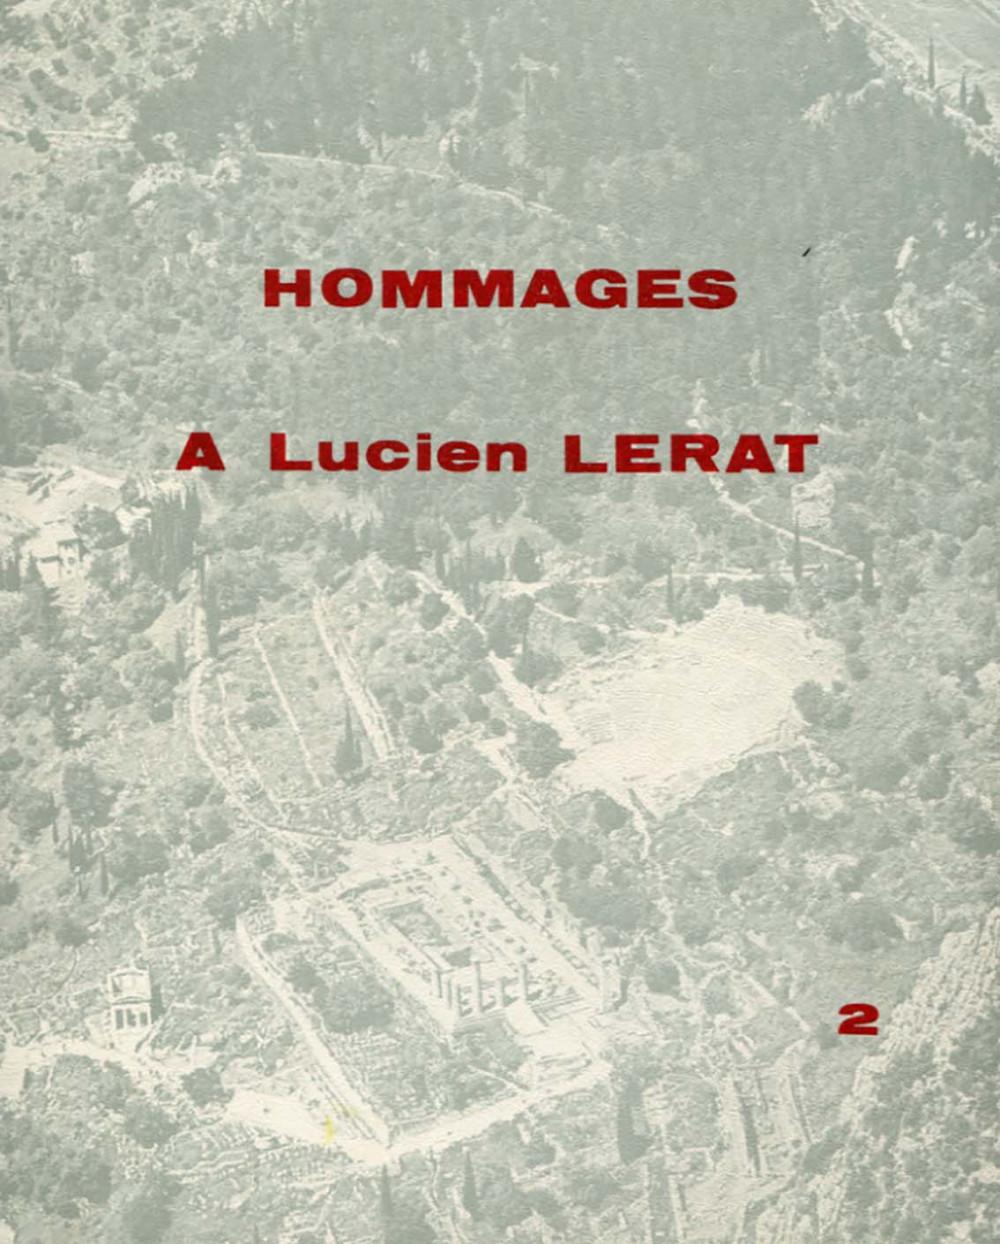 Hommages à Lucien Lerat (vol. I & II)